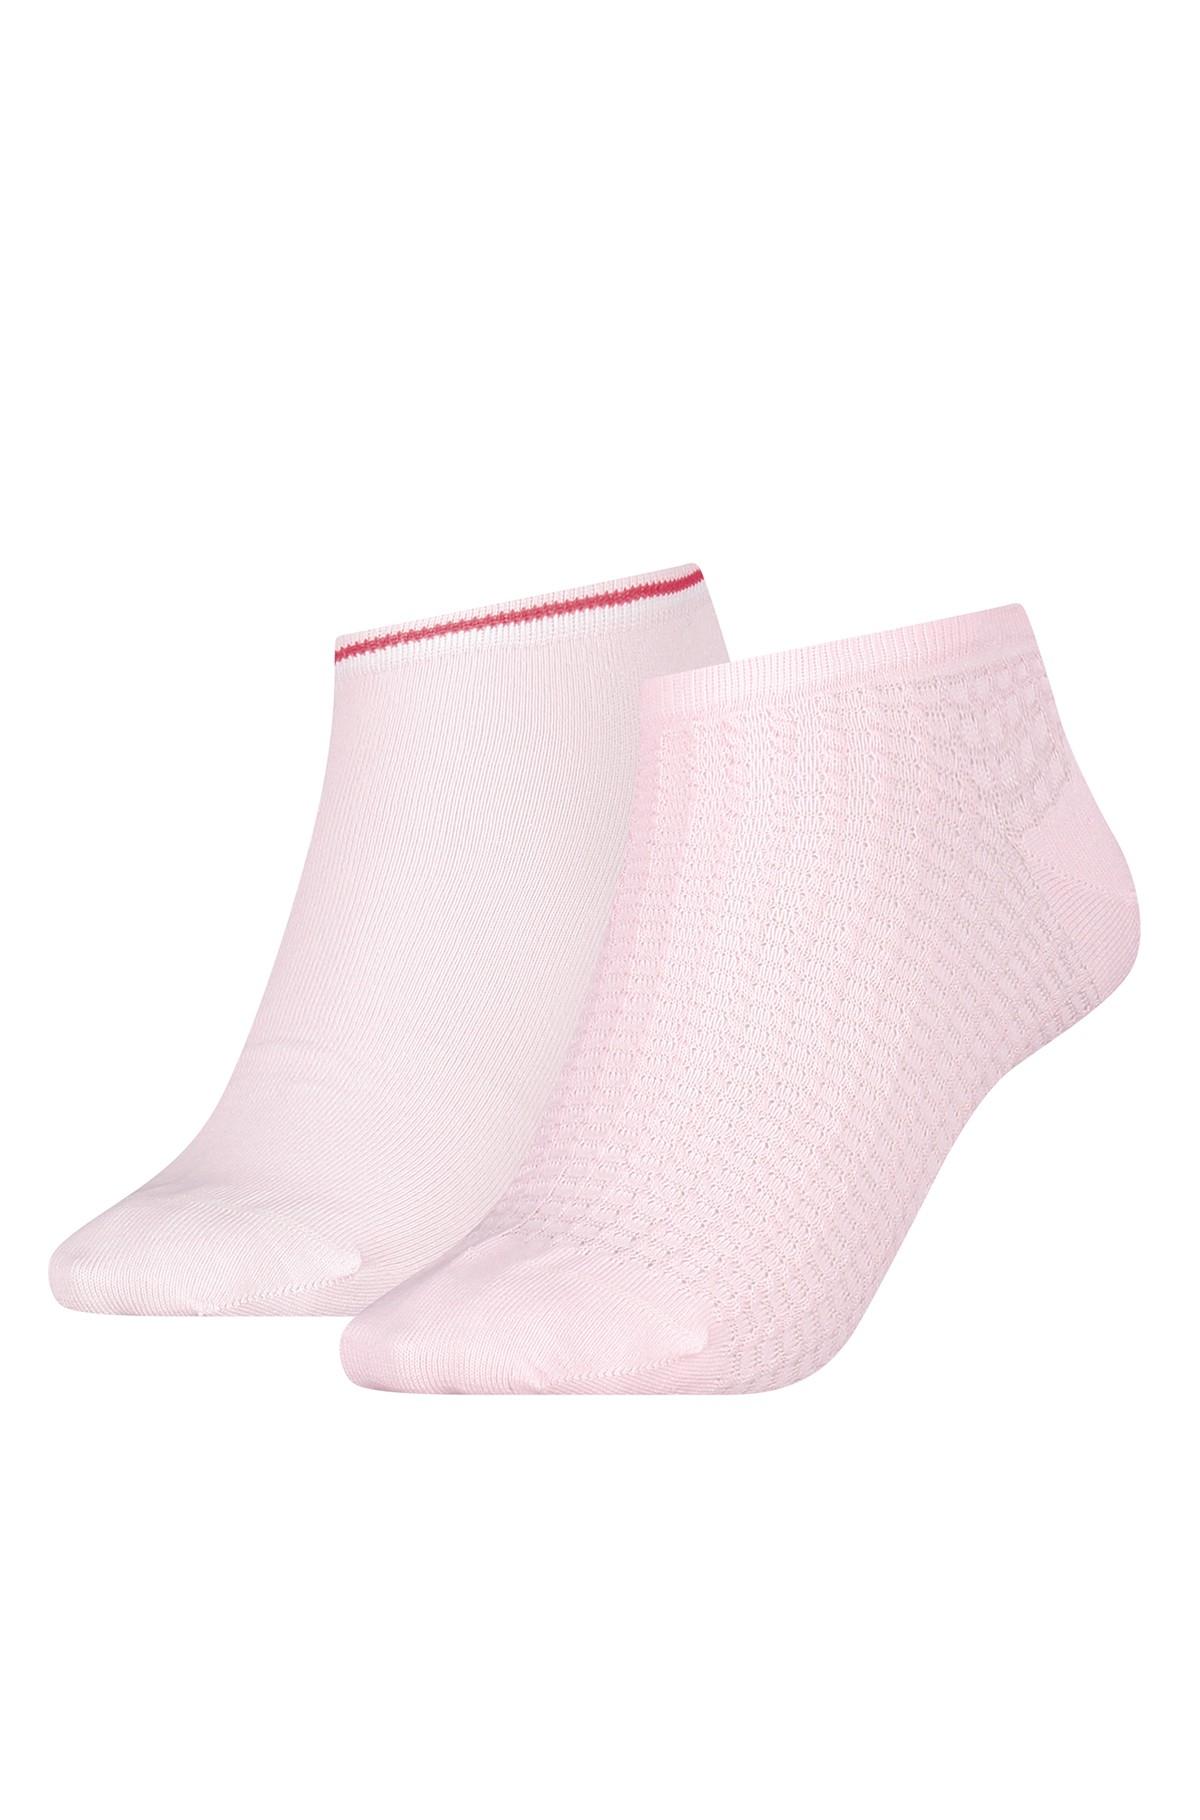 Socks 100002826-full-1